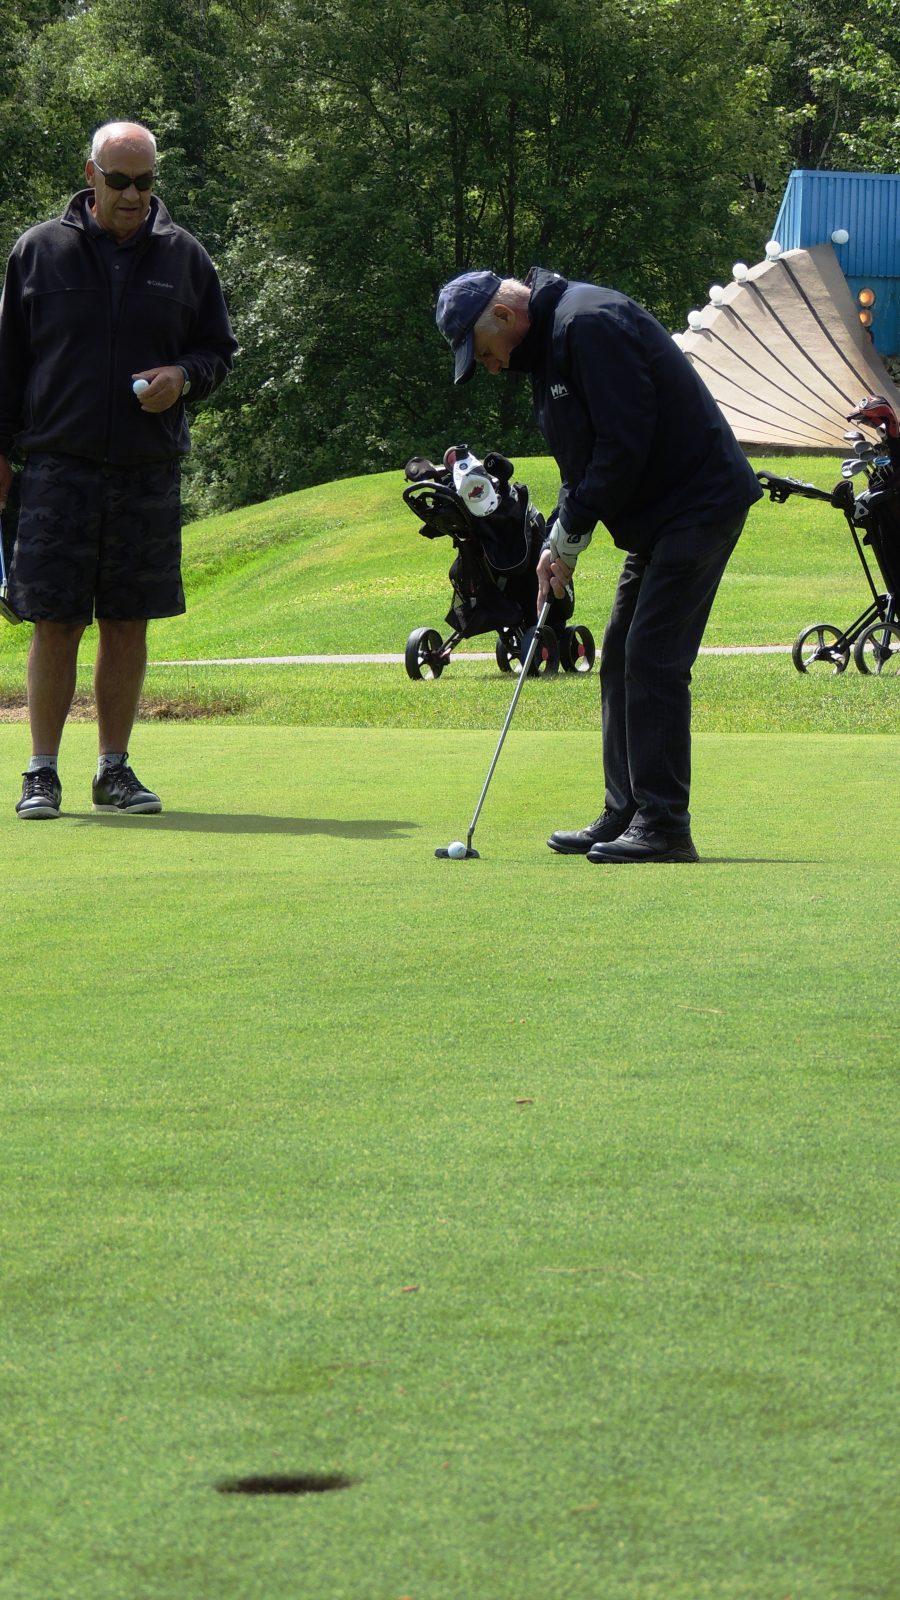 Un achalandage exceptionnel au Club de golf de Dolbeau-Mistassini